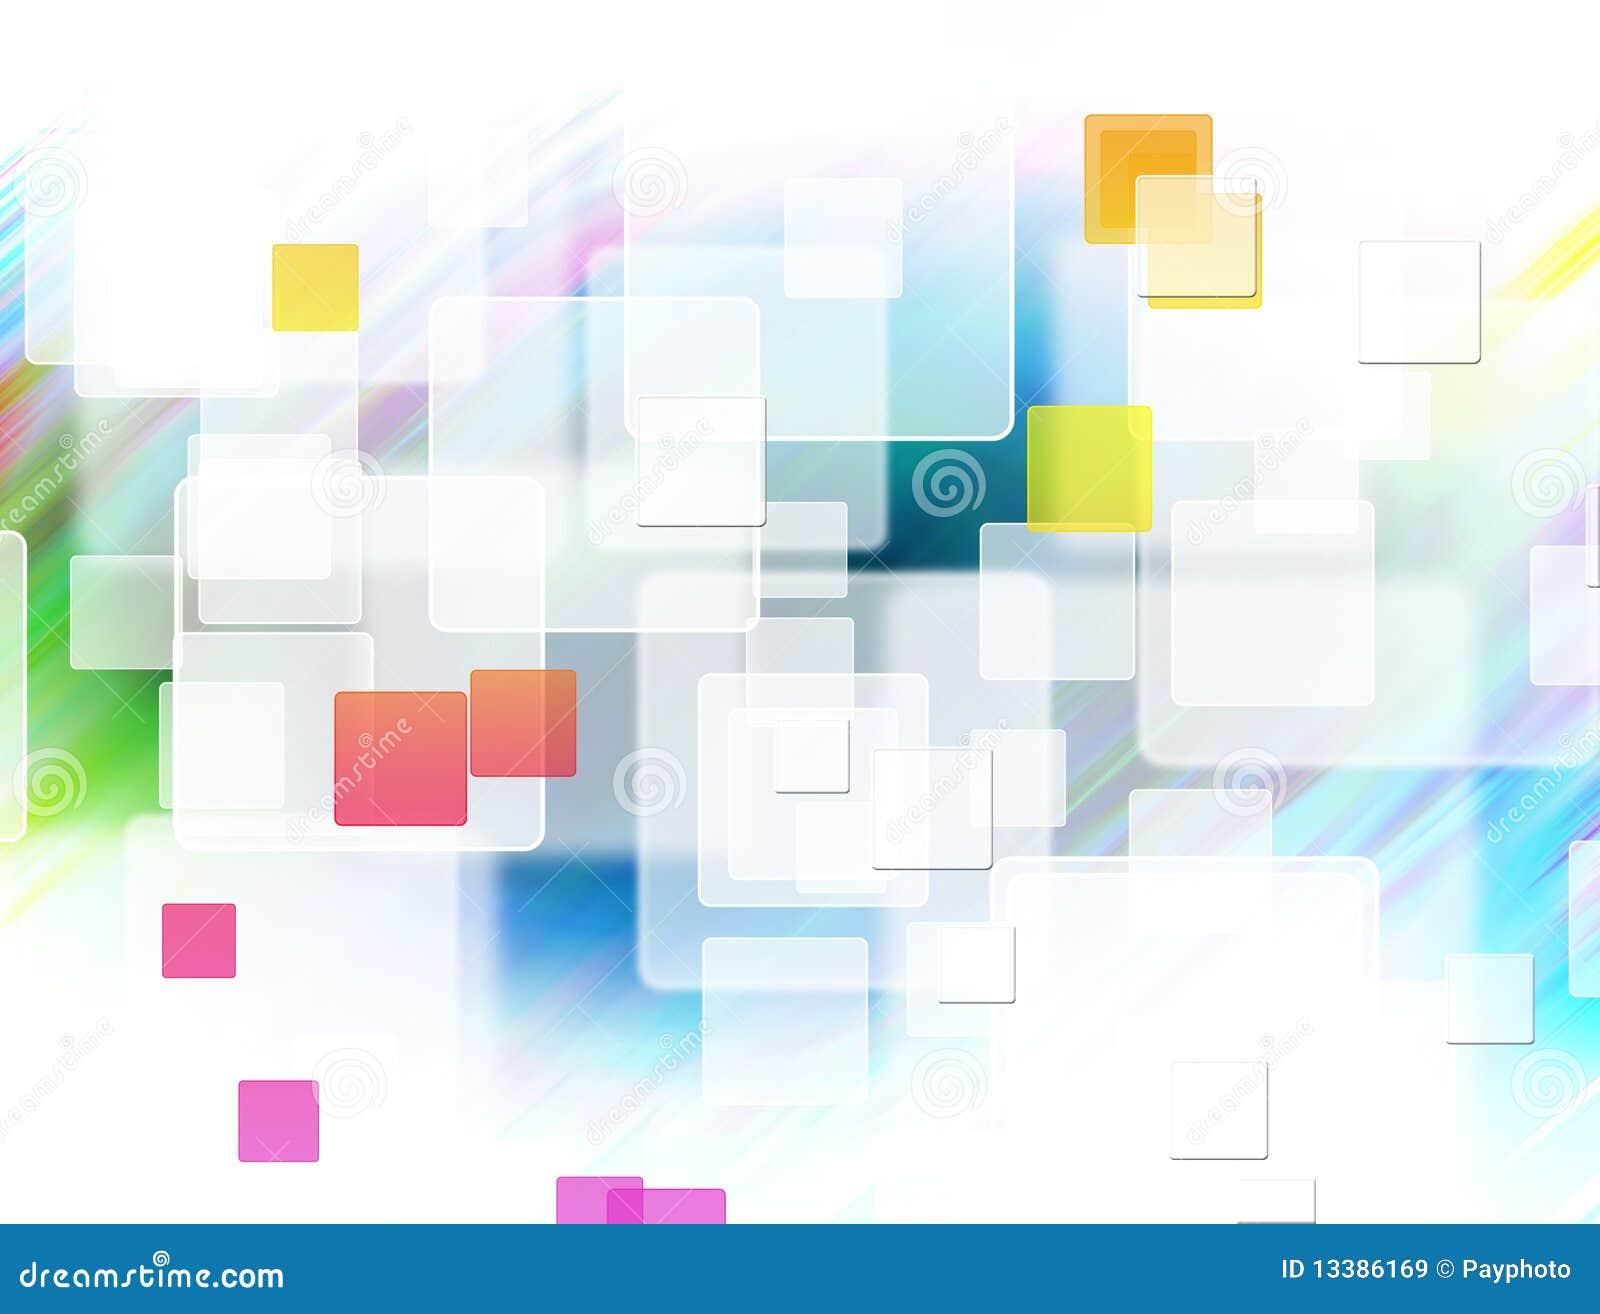 Abstrato preco e business valuation